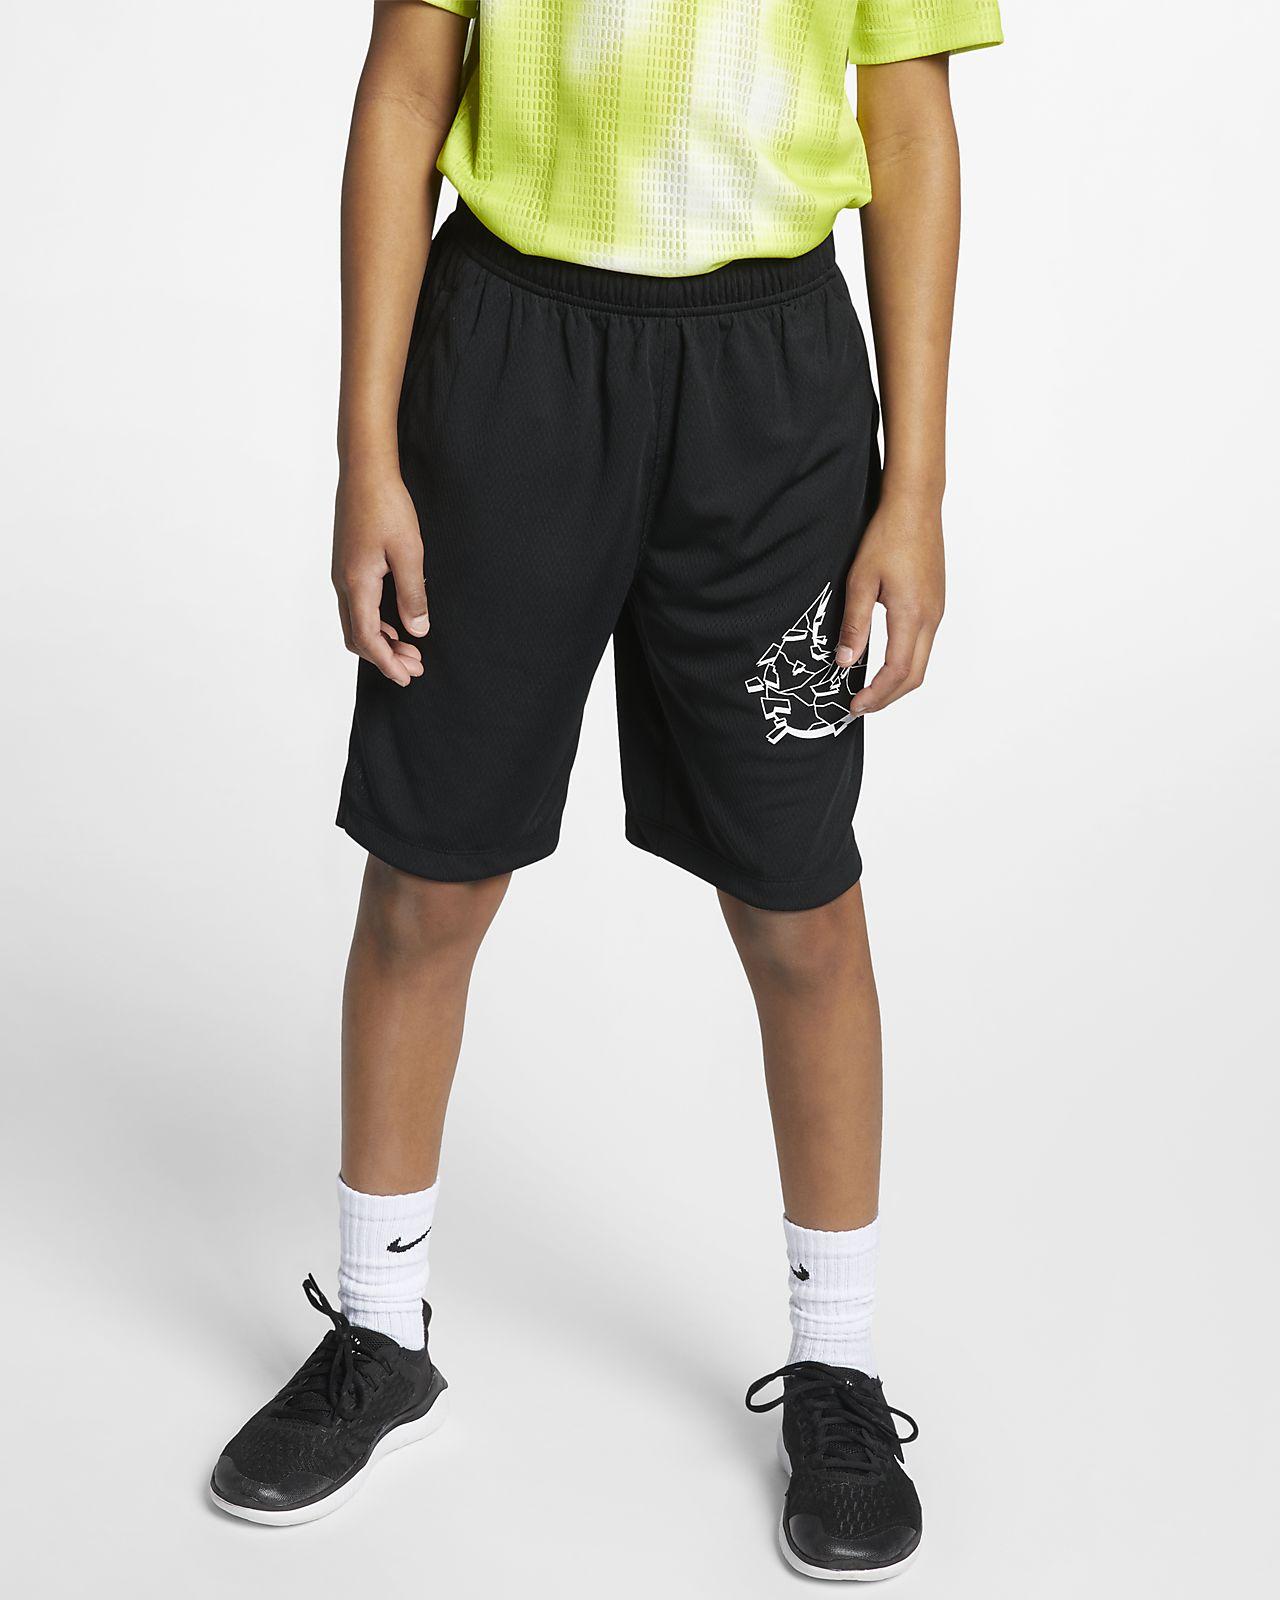 Shorts de entrenamiento con estampado gráfico para niño talla grande Nike Dri-FIT